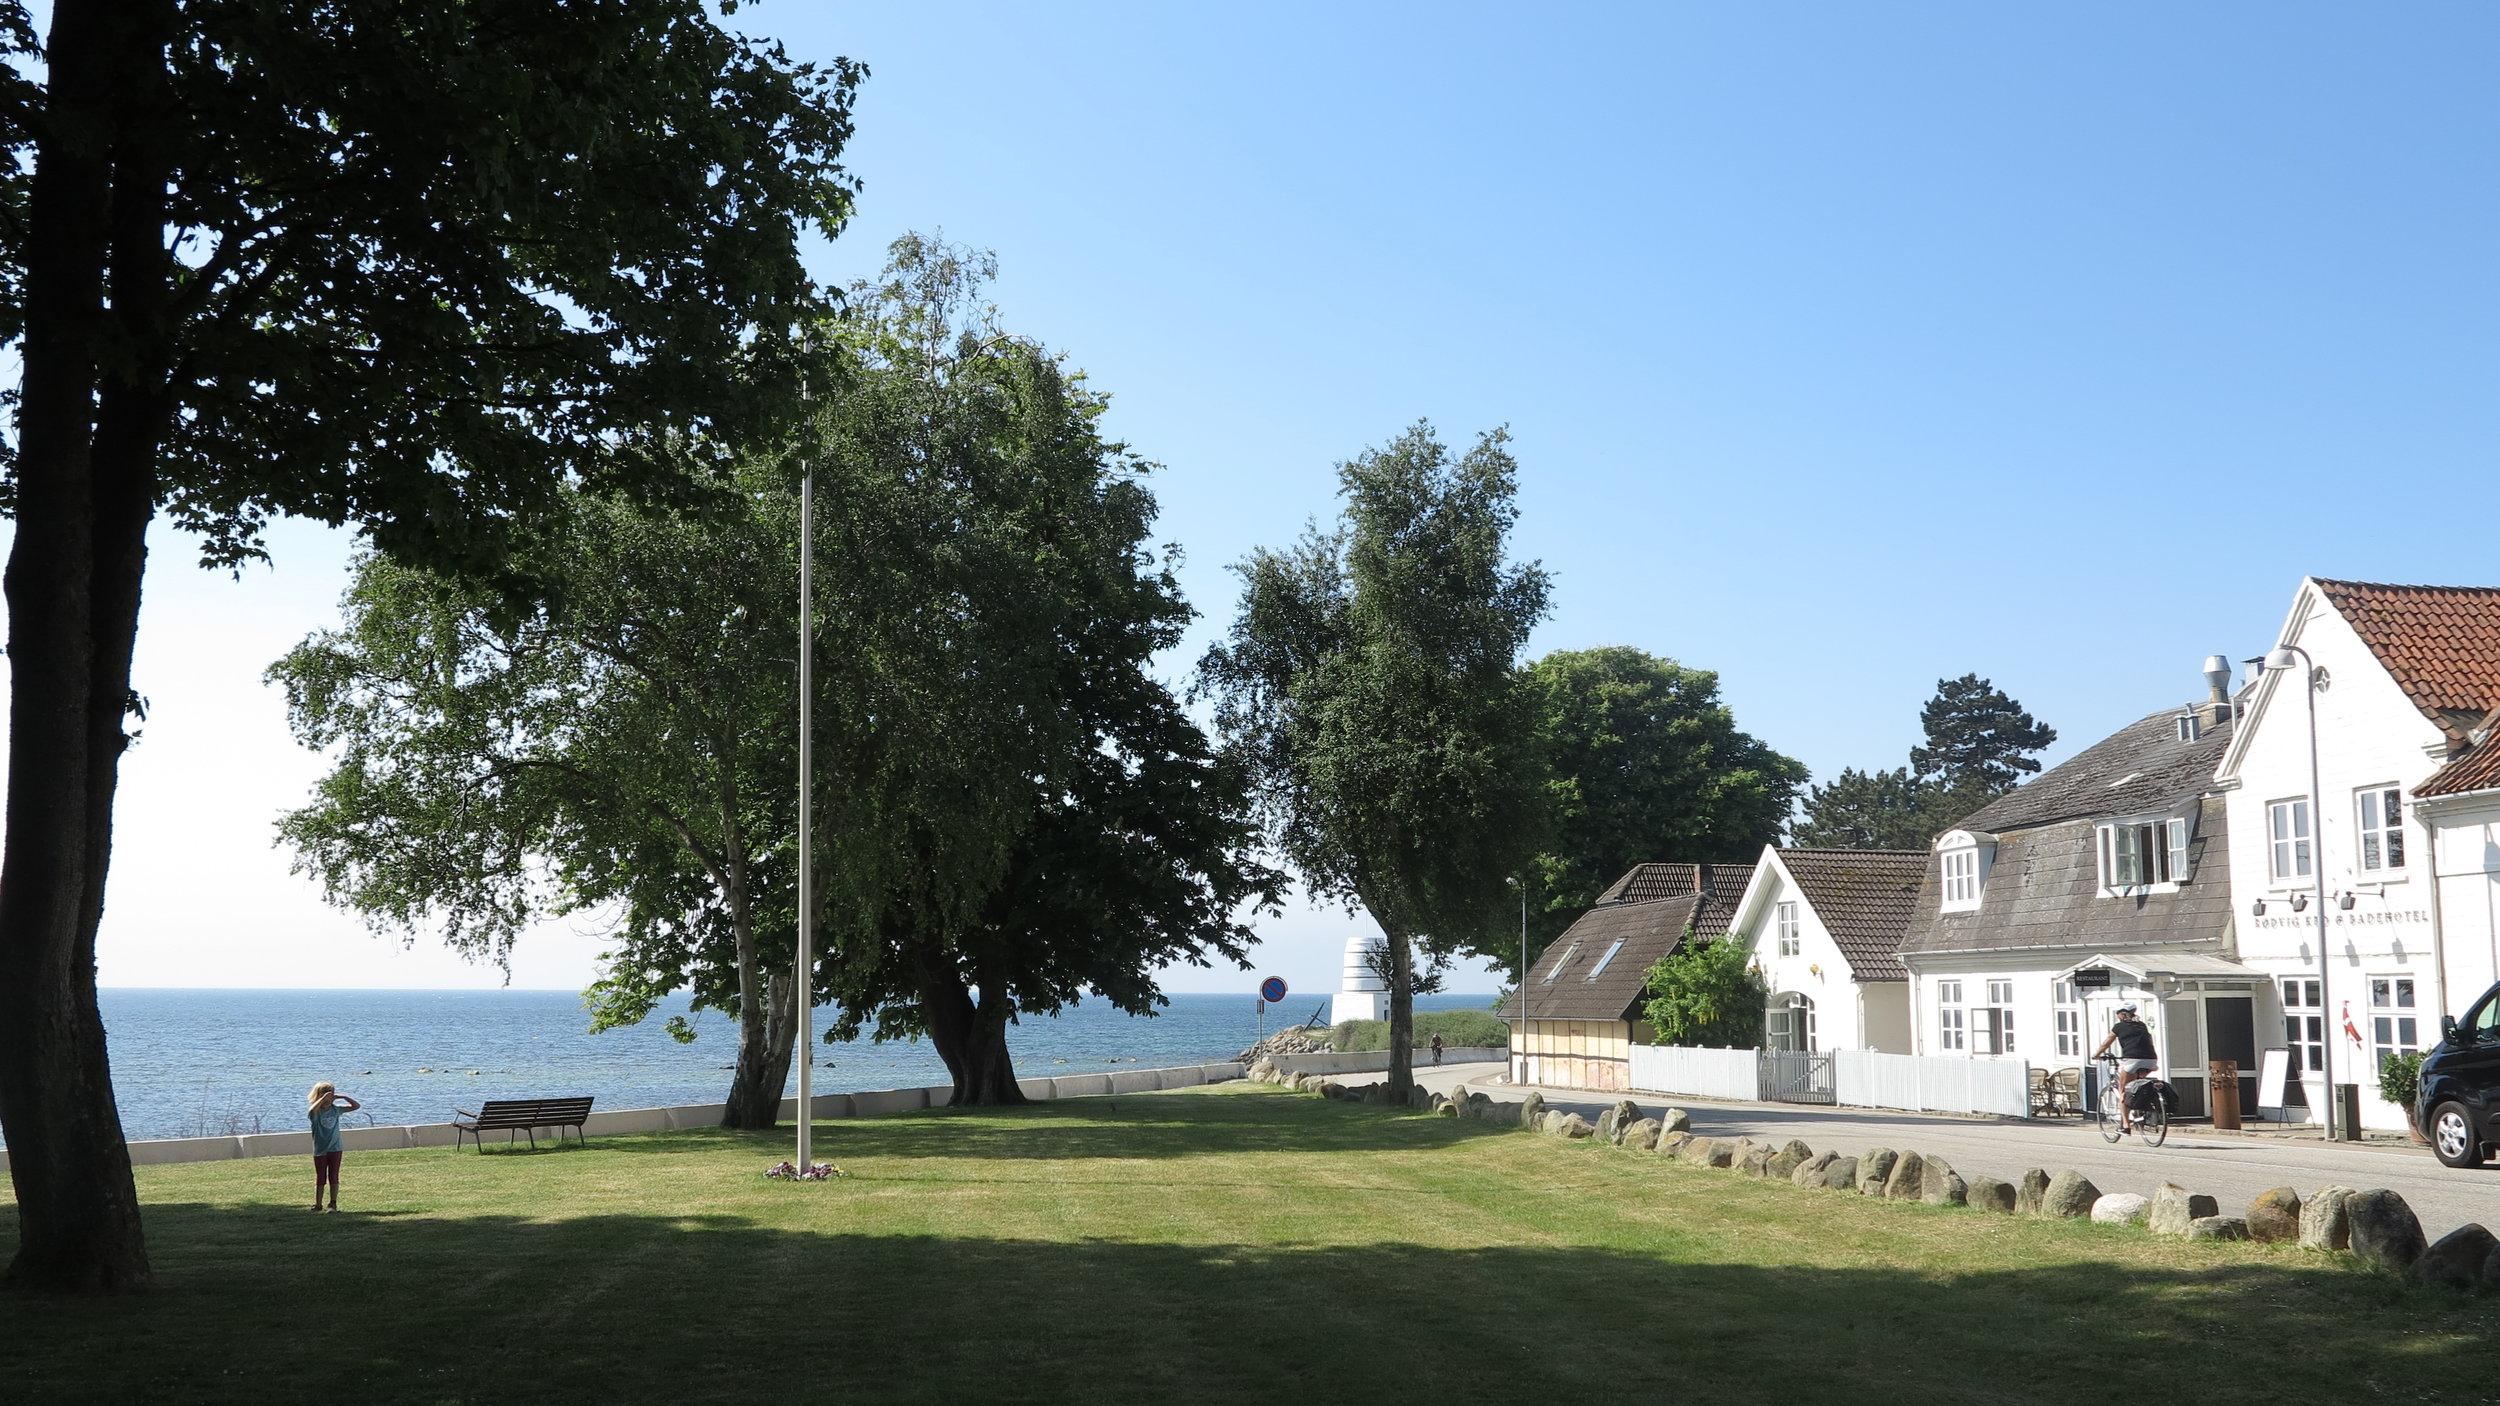 Blau, Grün, Weiß. Und ganz viel Sonne. Am Kro findet sich die perfekte Kombination aus Himmel und Meer, weißen Felsen und Hauswänden und einem grünen Park mit Traumsicht